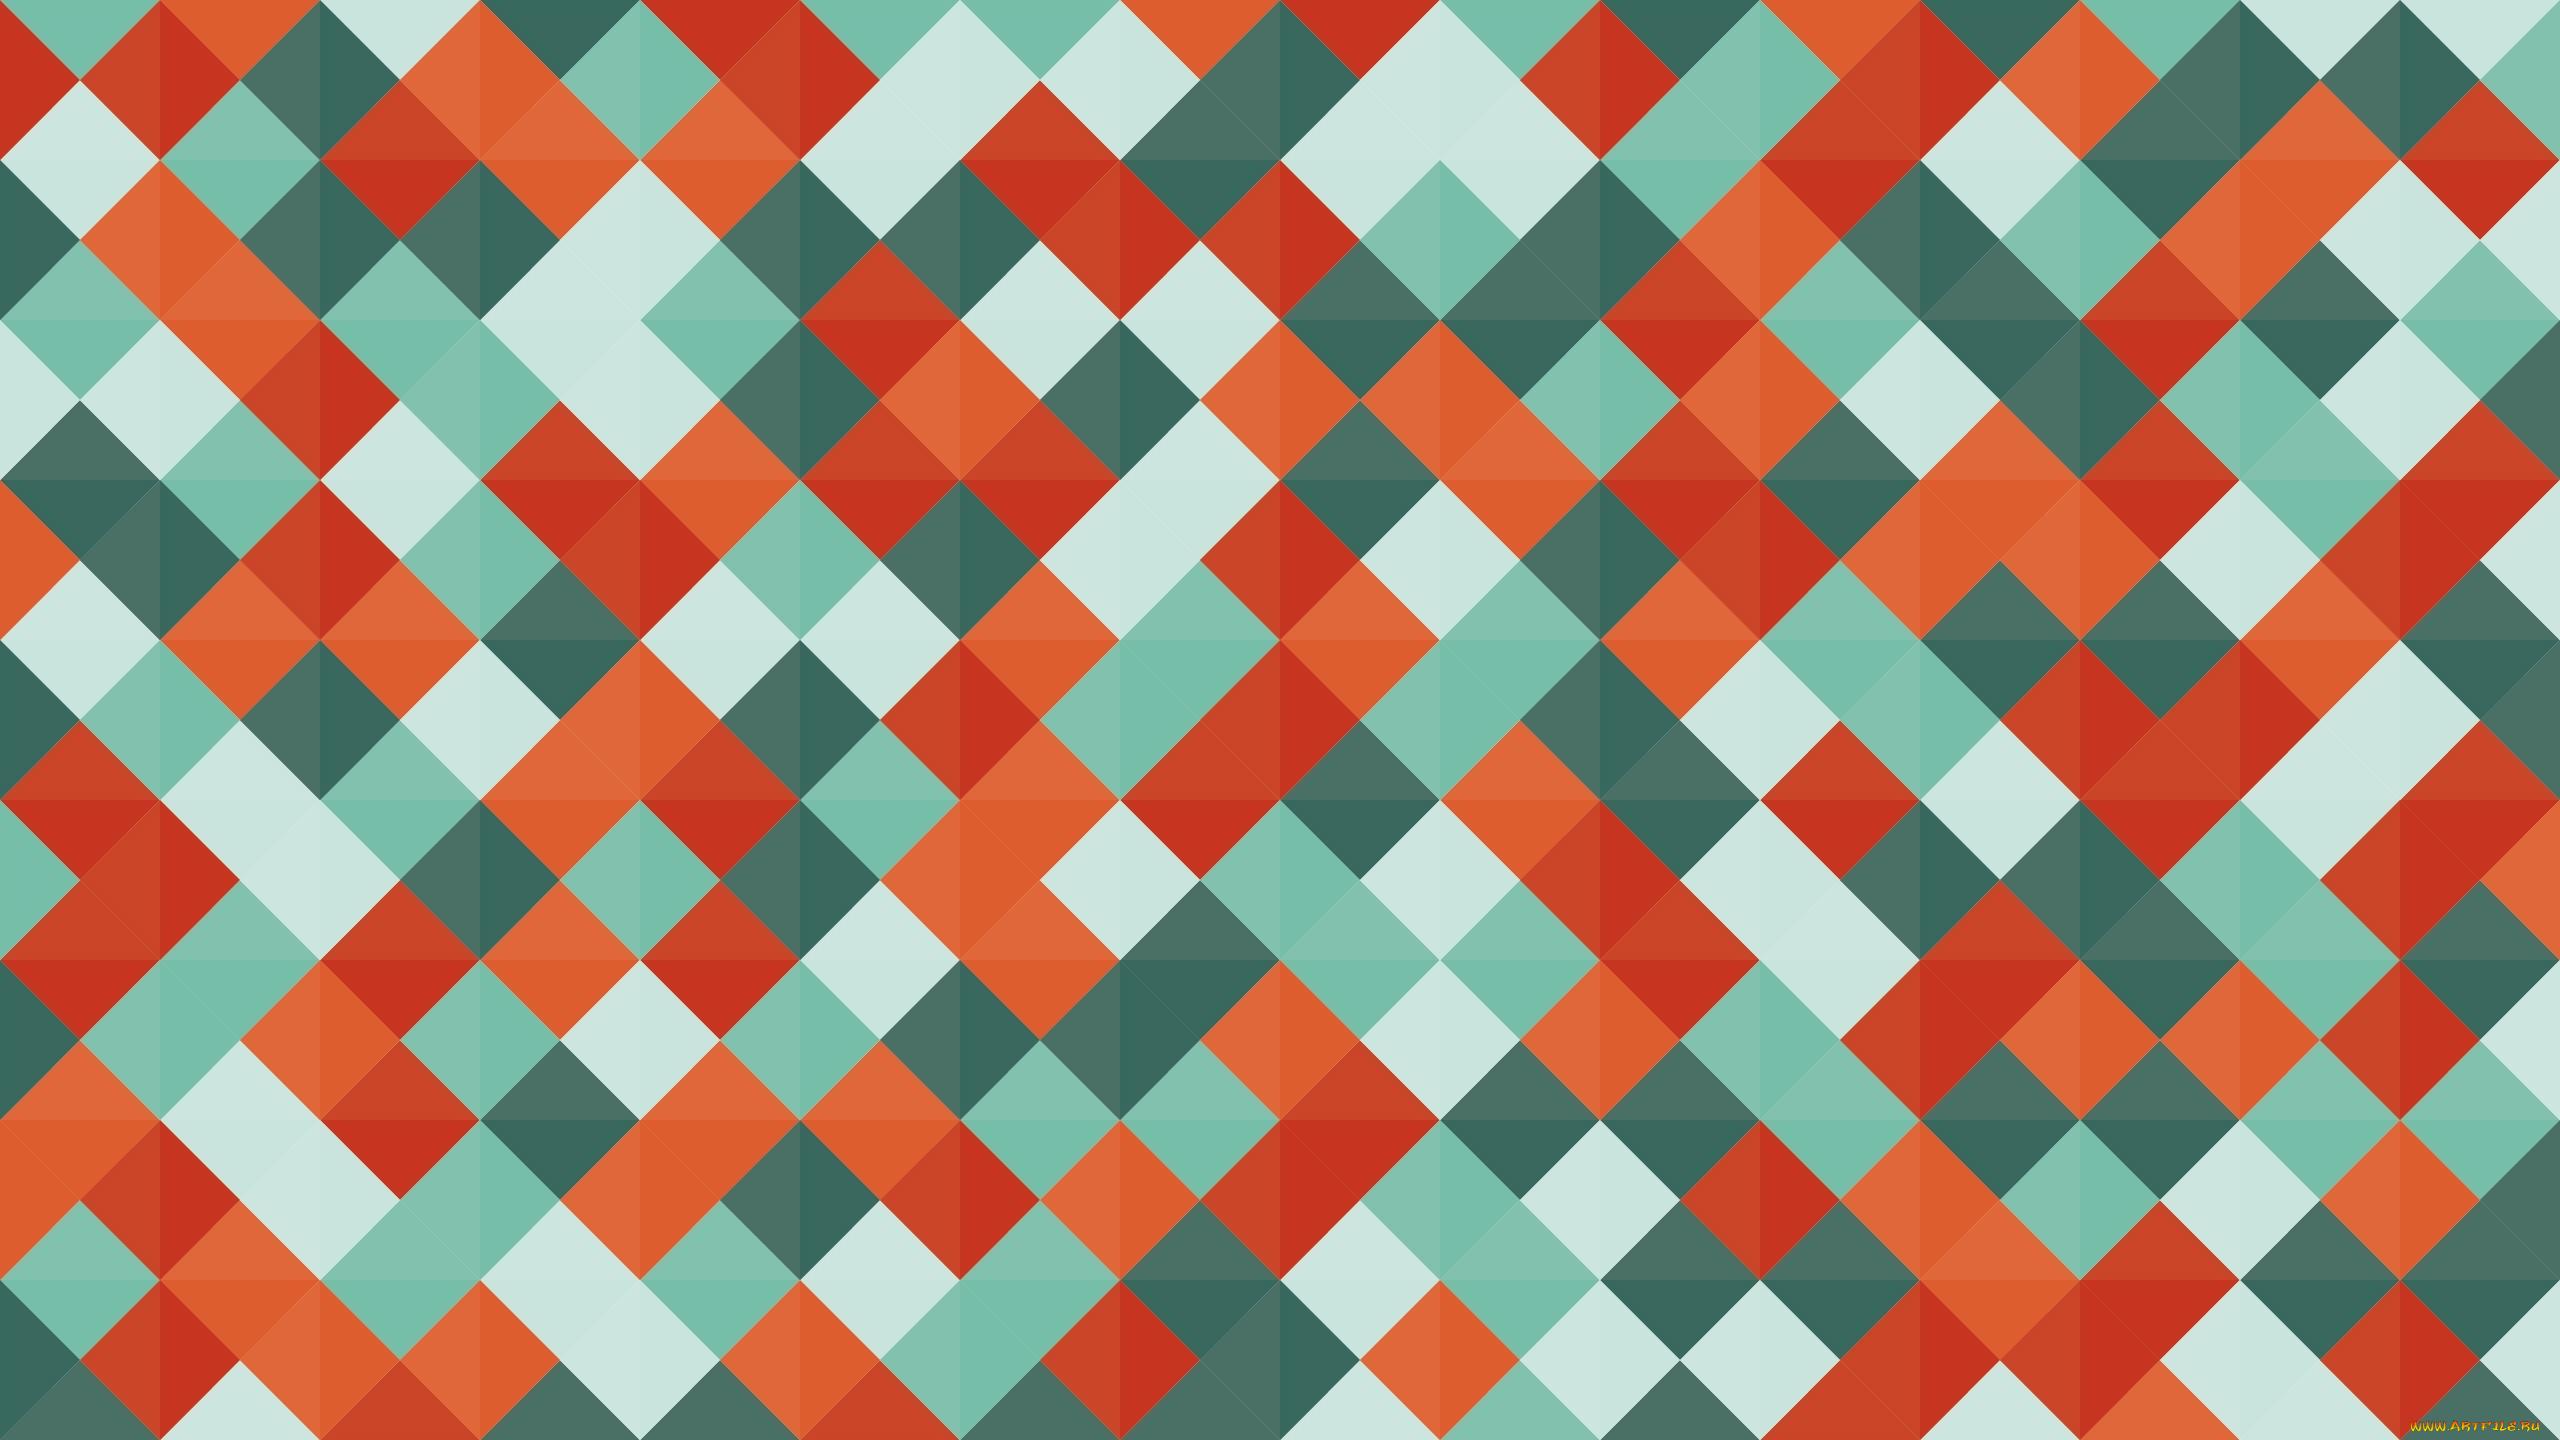 текстура квадраты полосы скачать